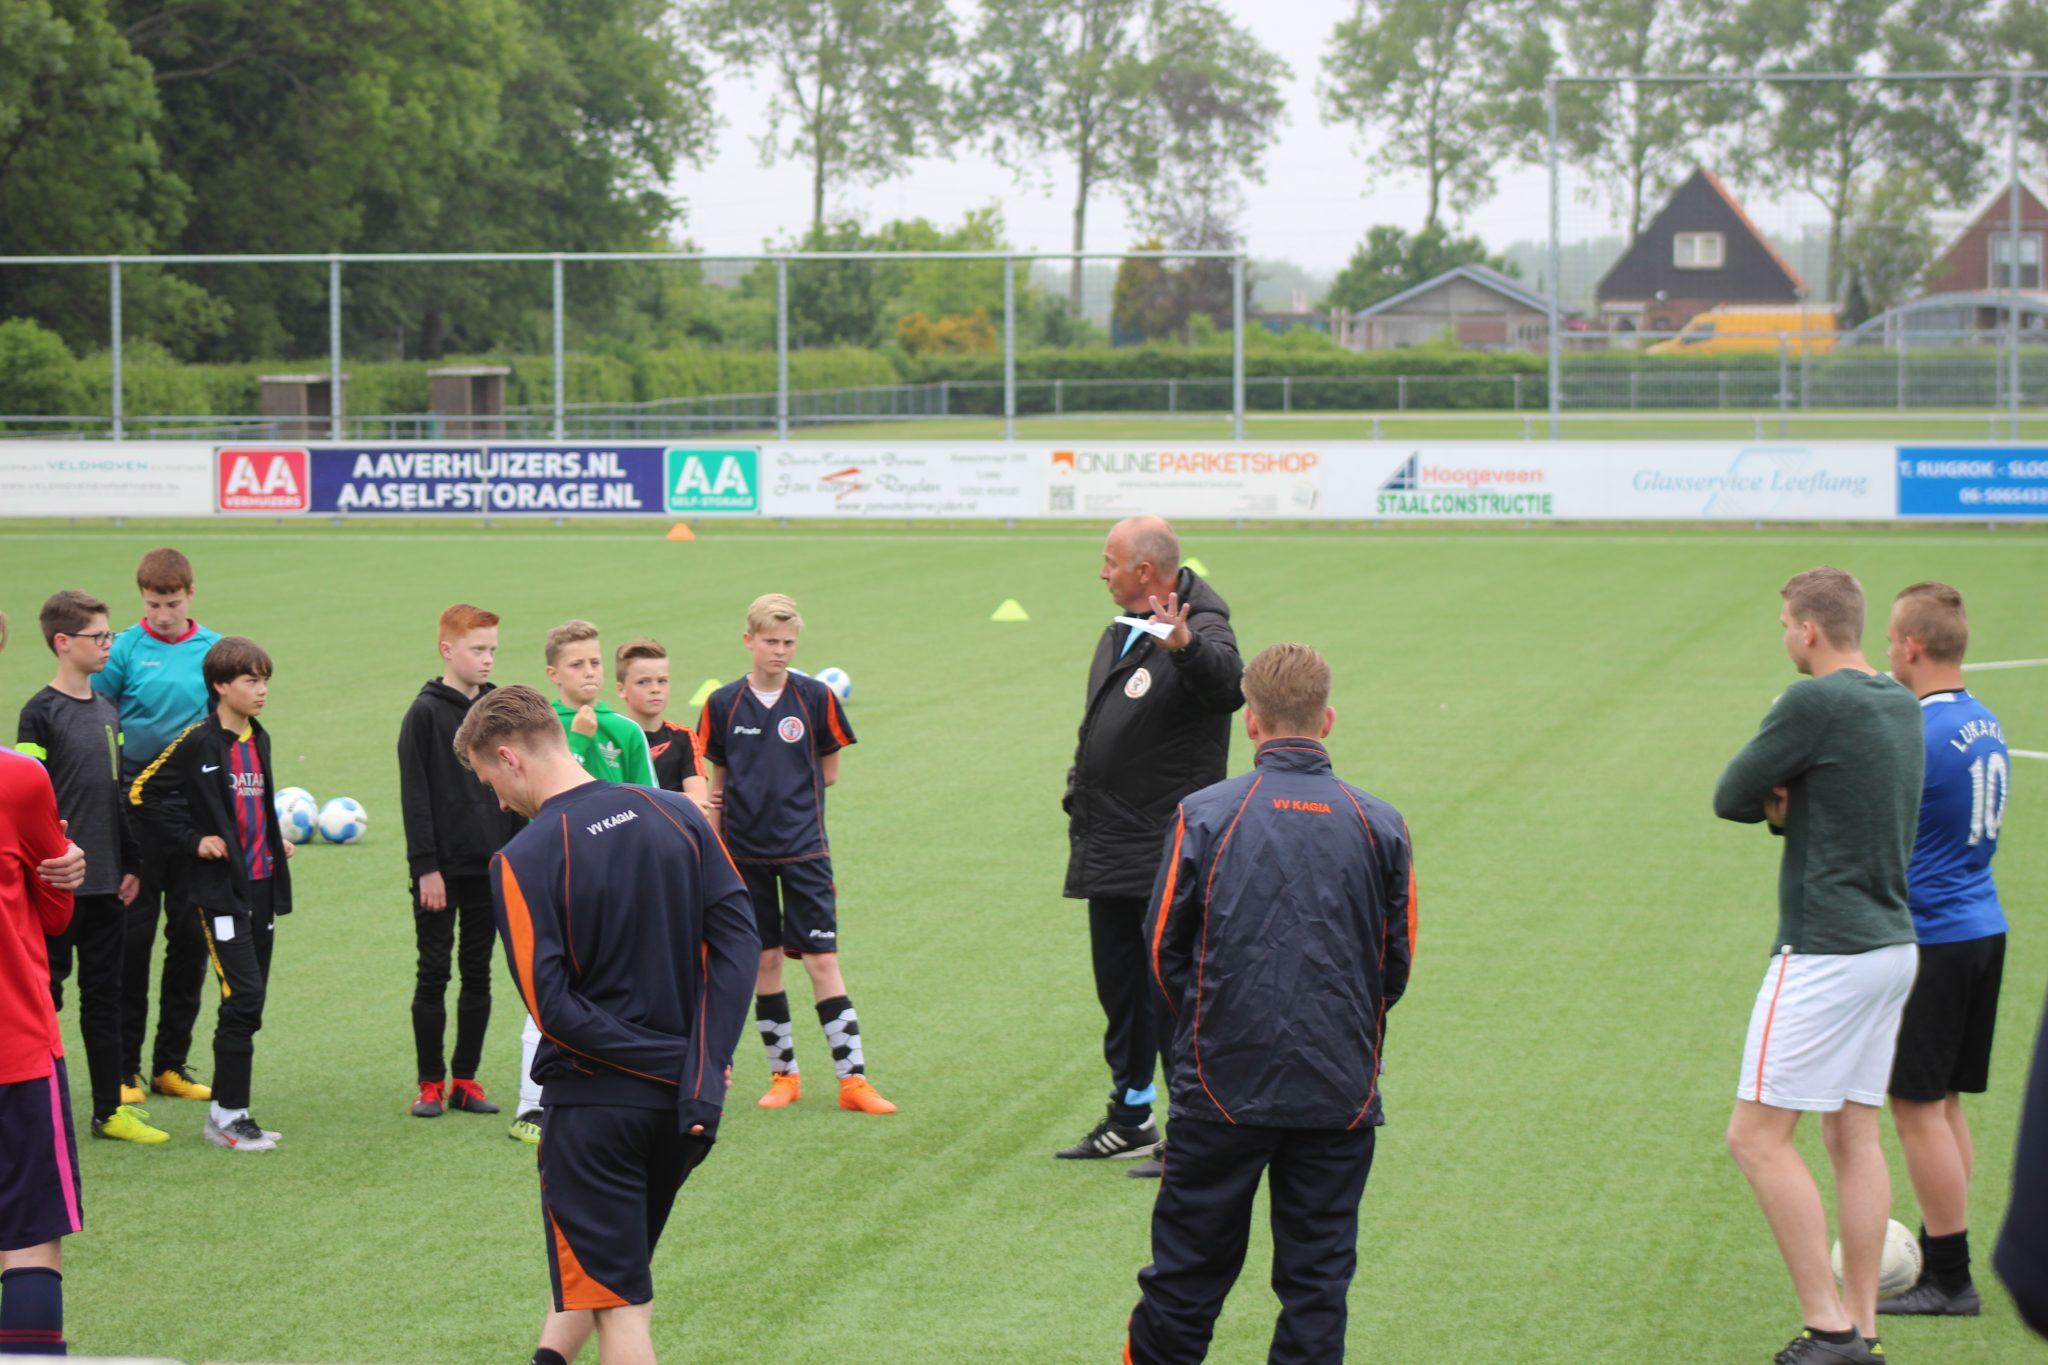 Selectie geeft training aan jeugdteams (Fotoreportage)